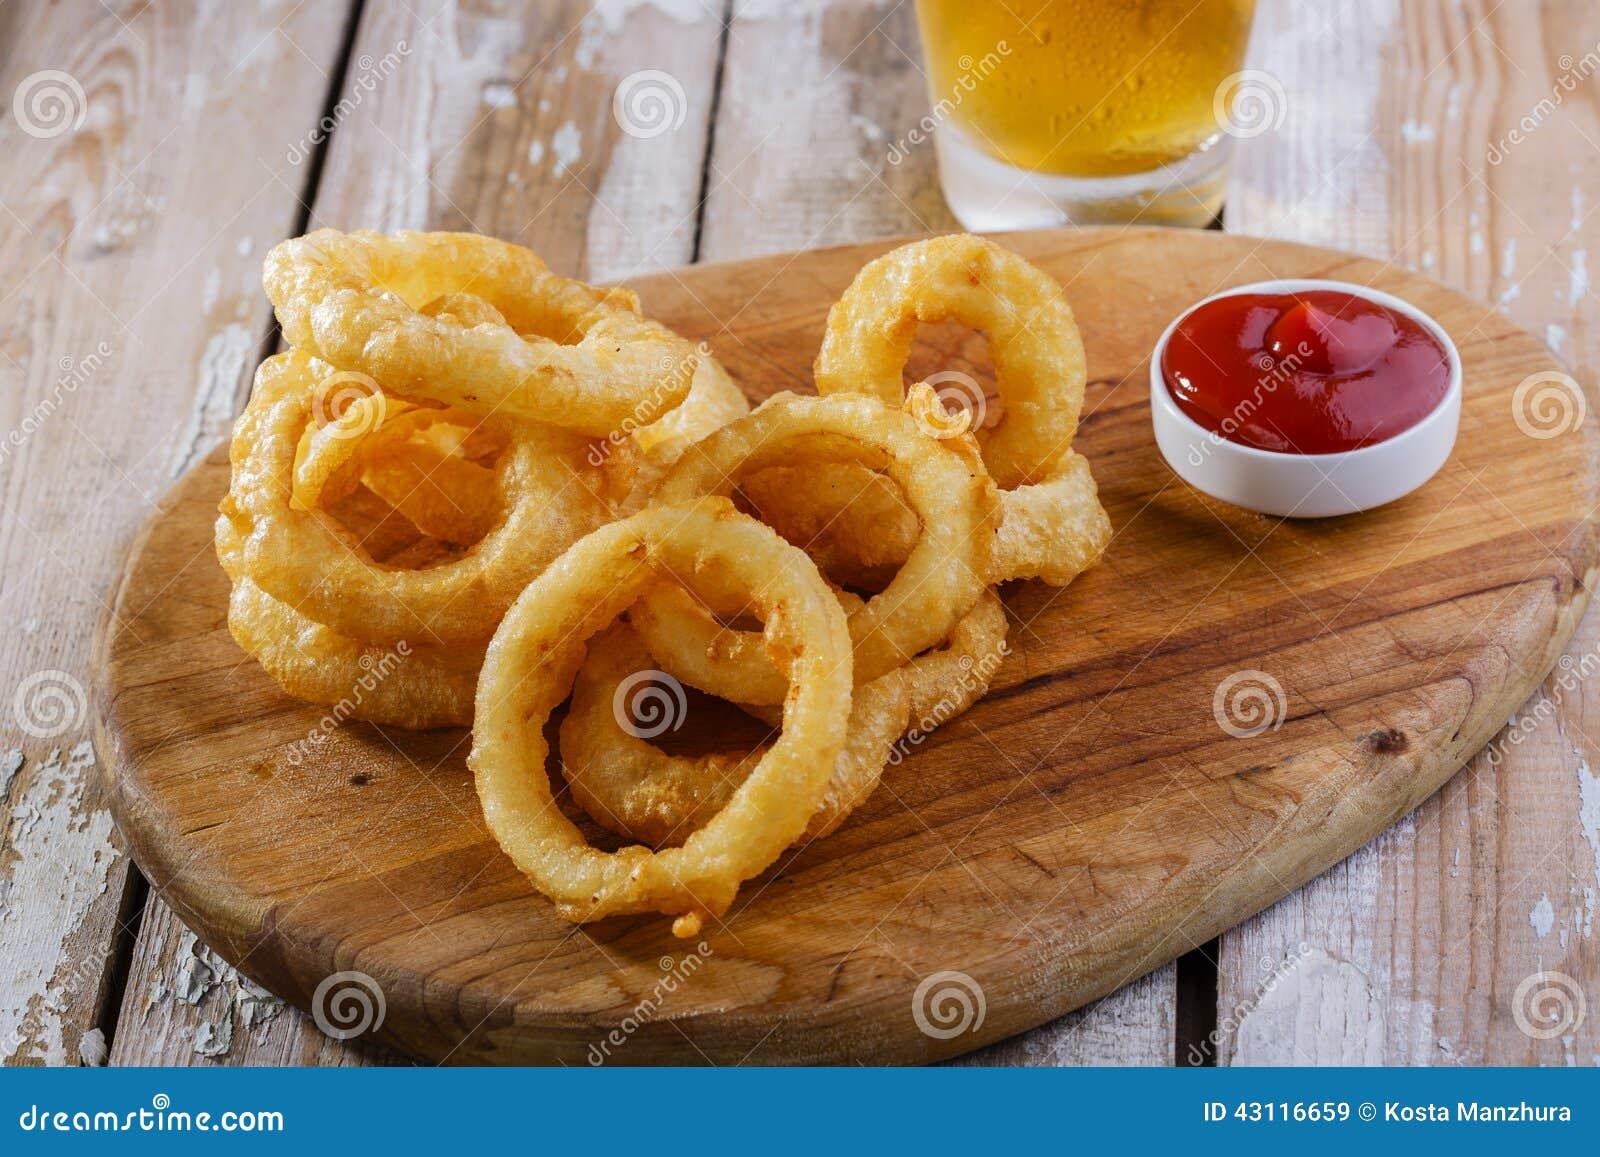 Anéis de cebola fritados